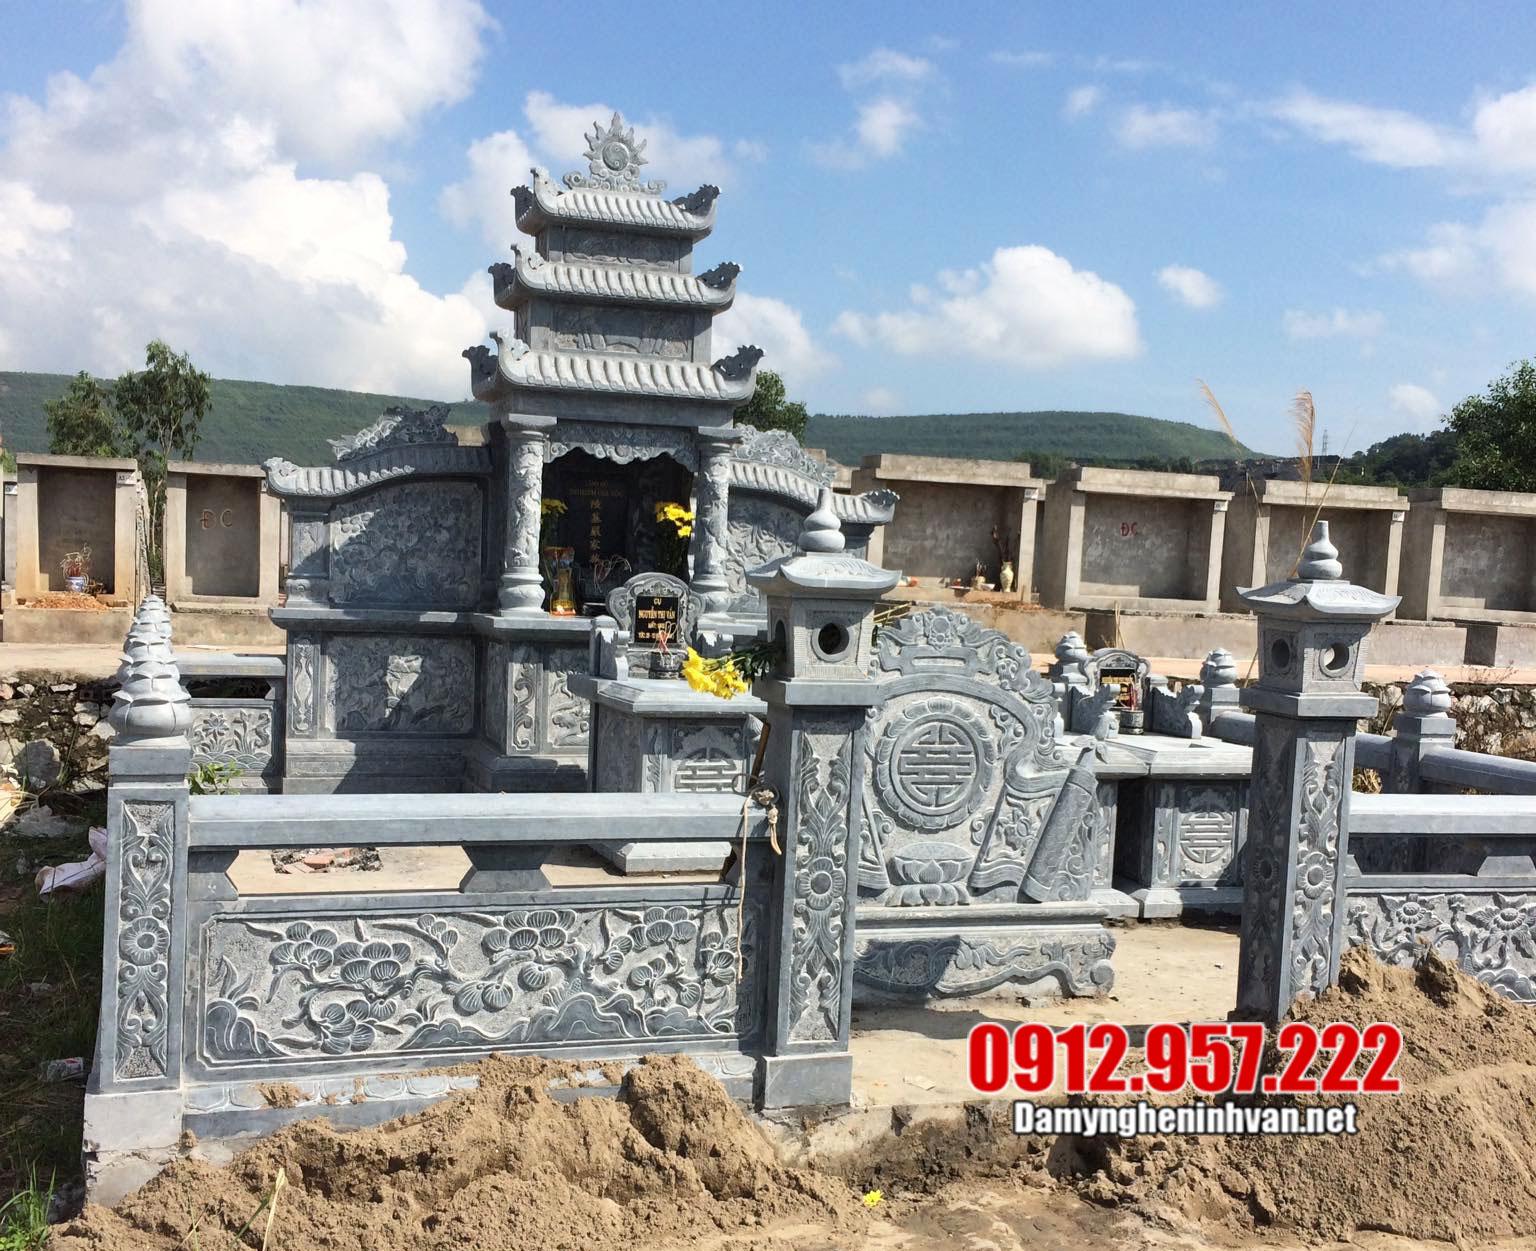 Thiết kế khu lăng mộ đẹp ở Quảng Ninh